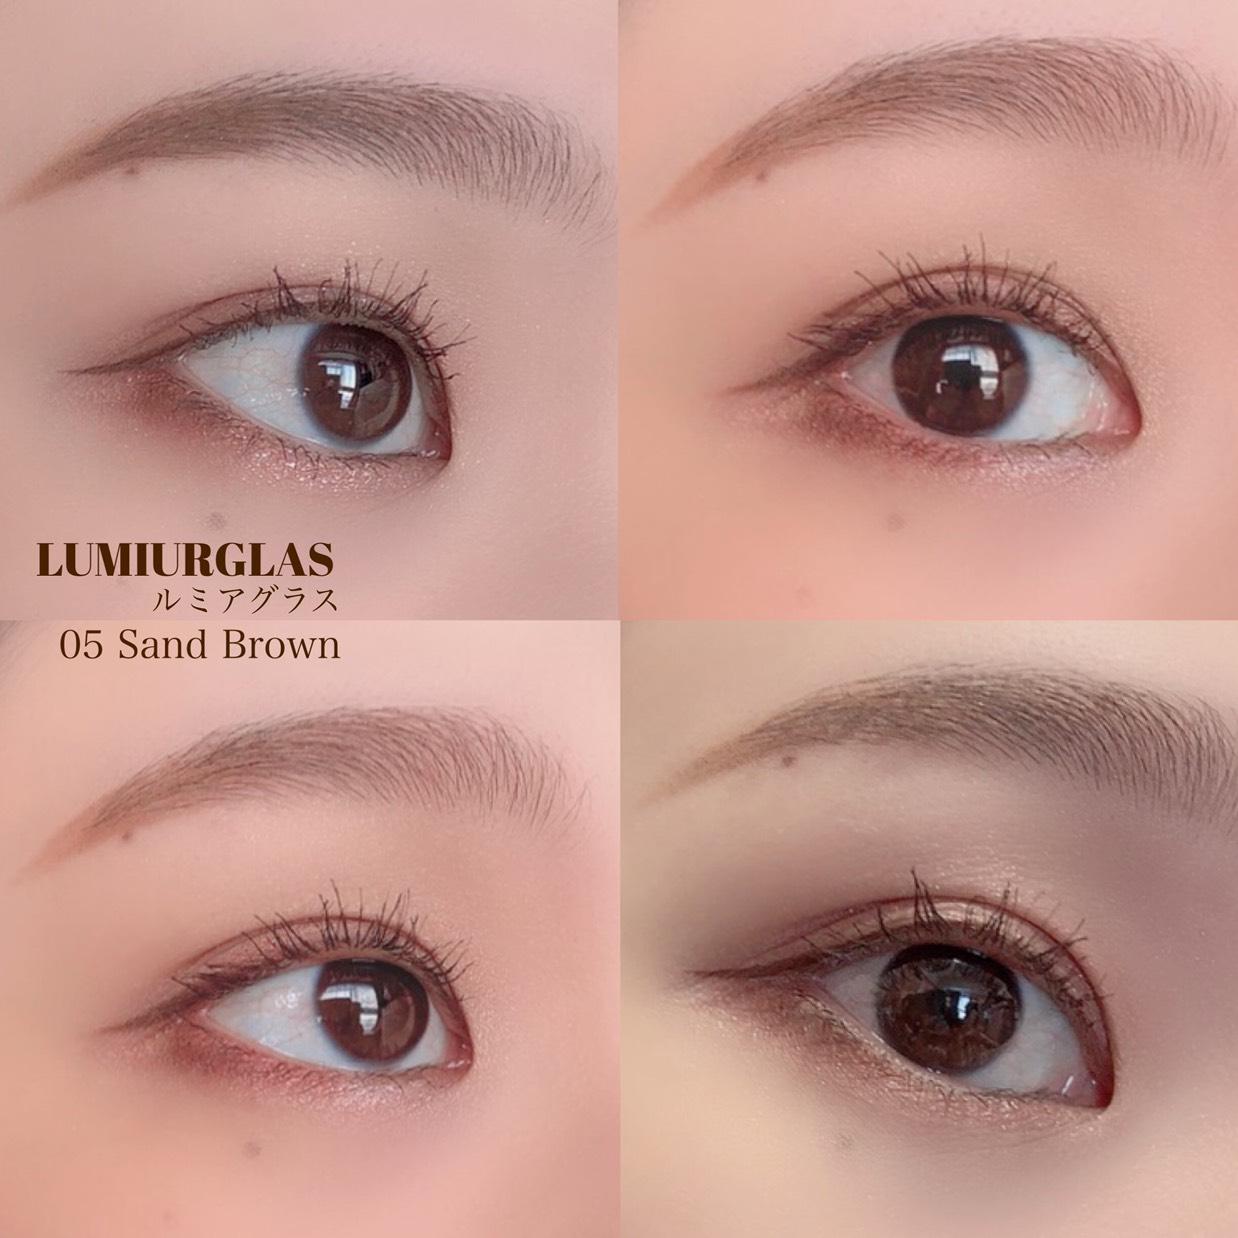 LUMIURGLAS サンドブラウン❤︎のAfter画像